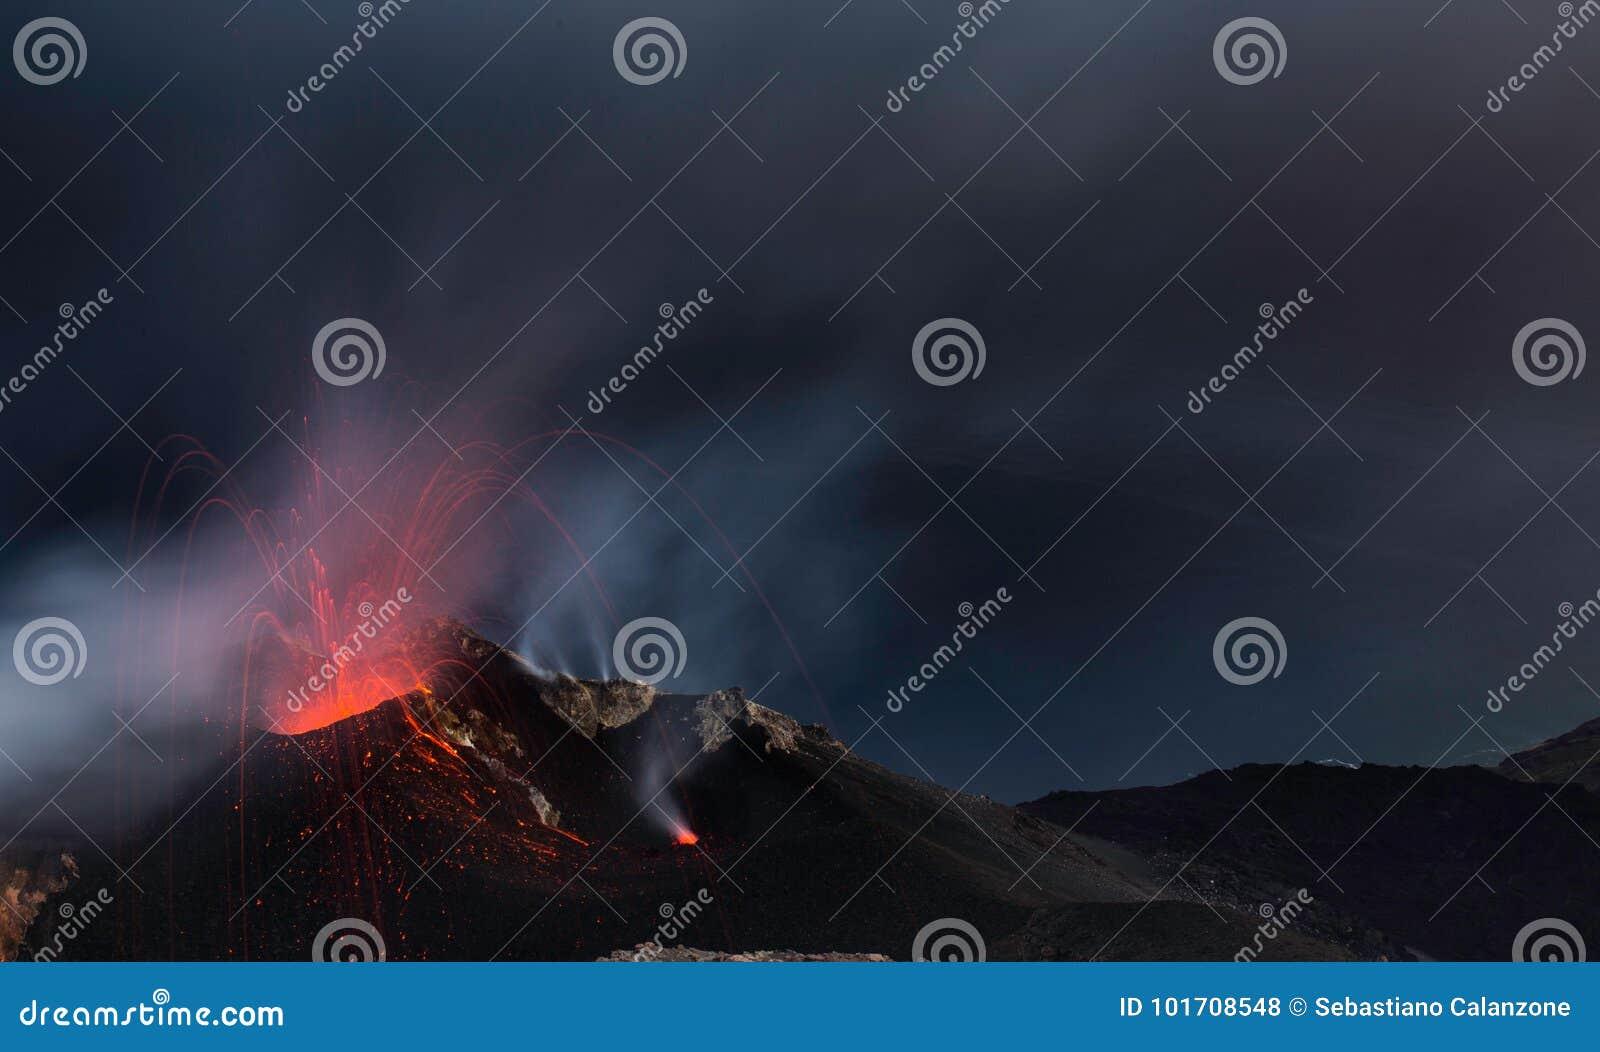 La erupción de Strombolian del volcán de Stromboli con lava arrastra la explosión